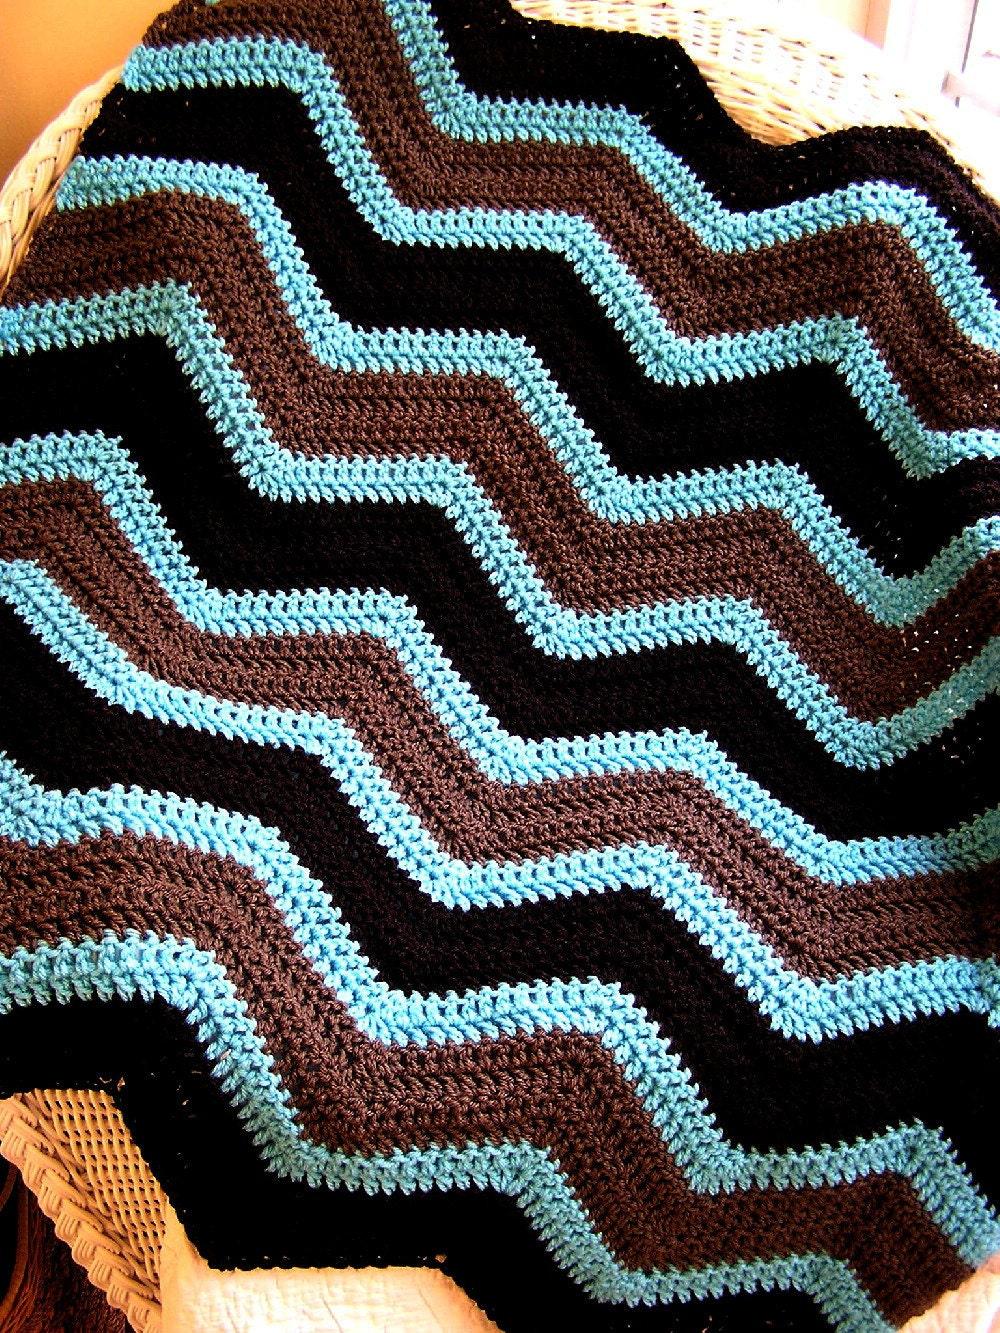 neue Chevron Zick Zack Baby Decke häkeln stricken afghanischen